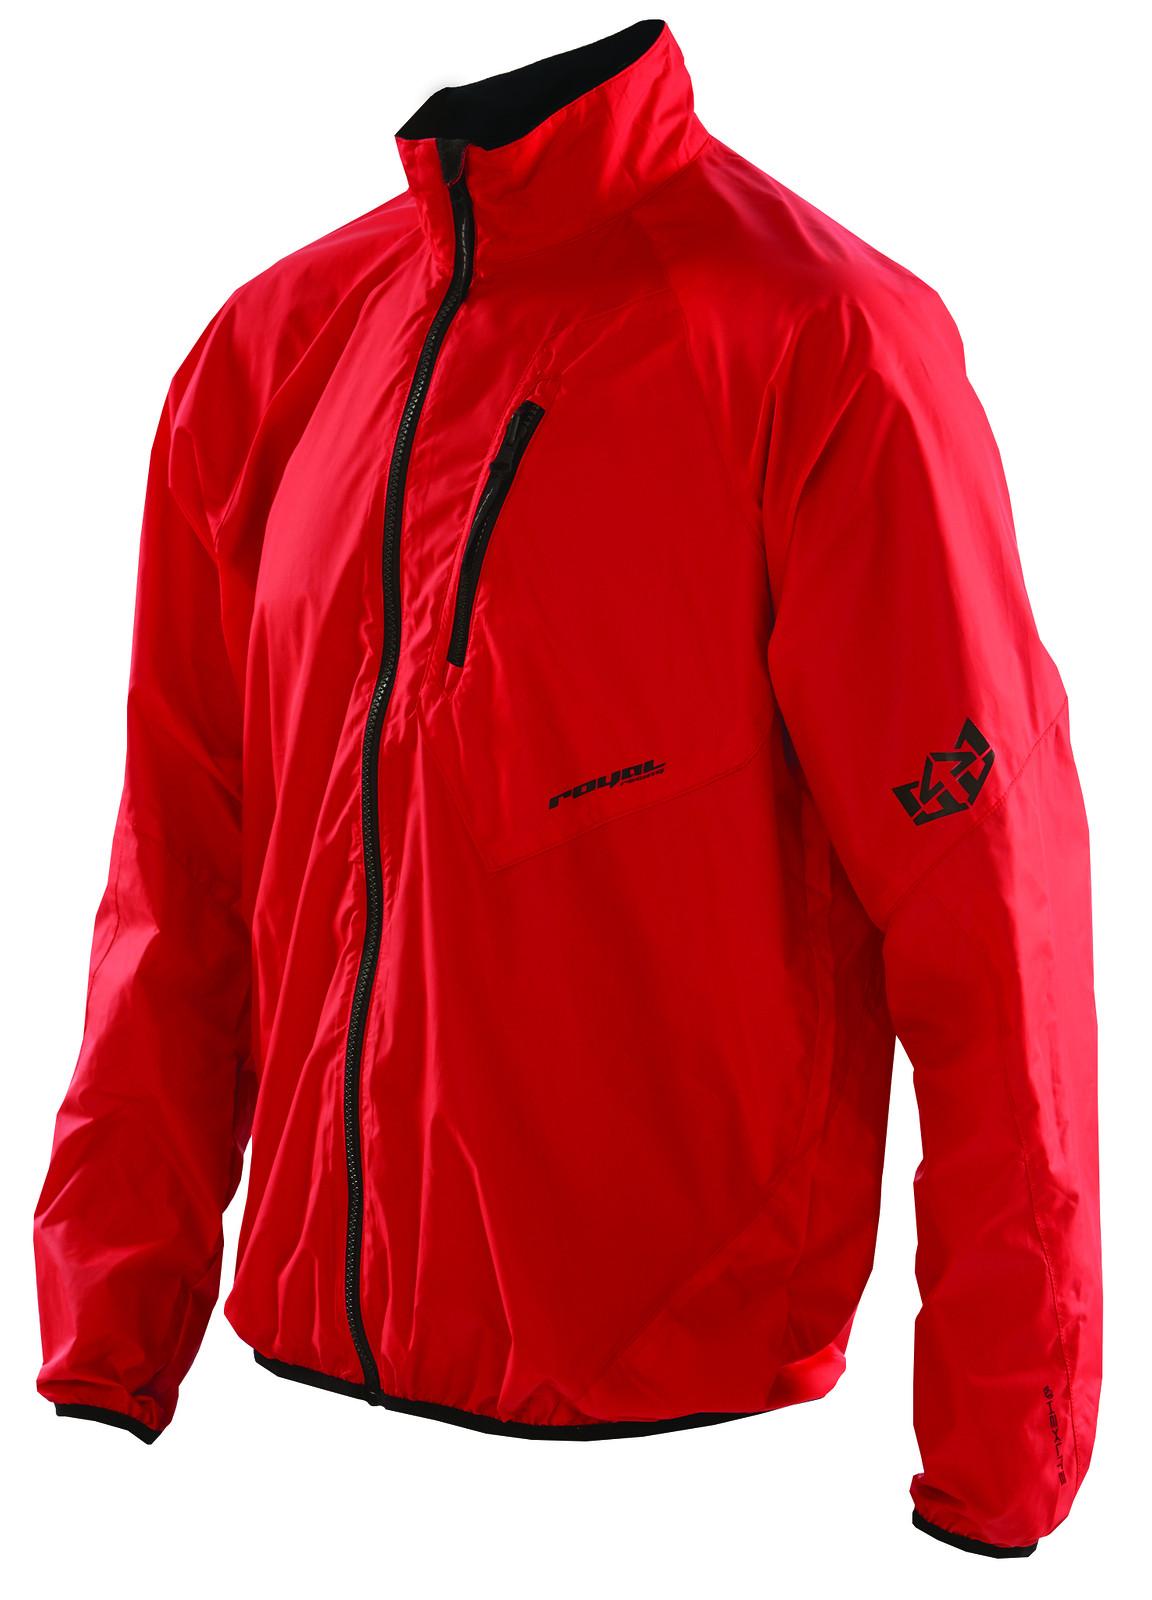 Royal 2015 Hextech Jacket hextec red f